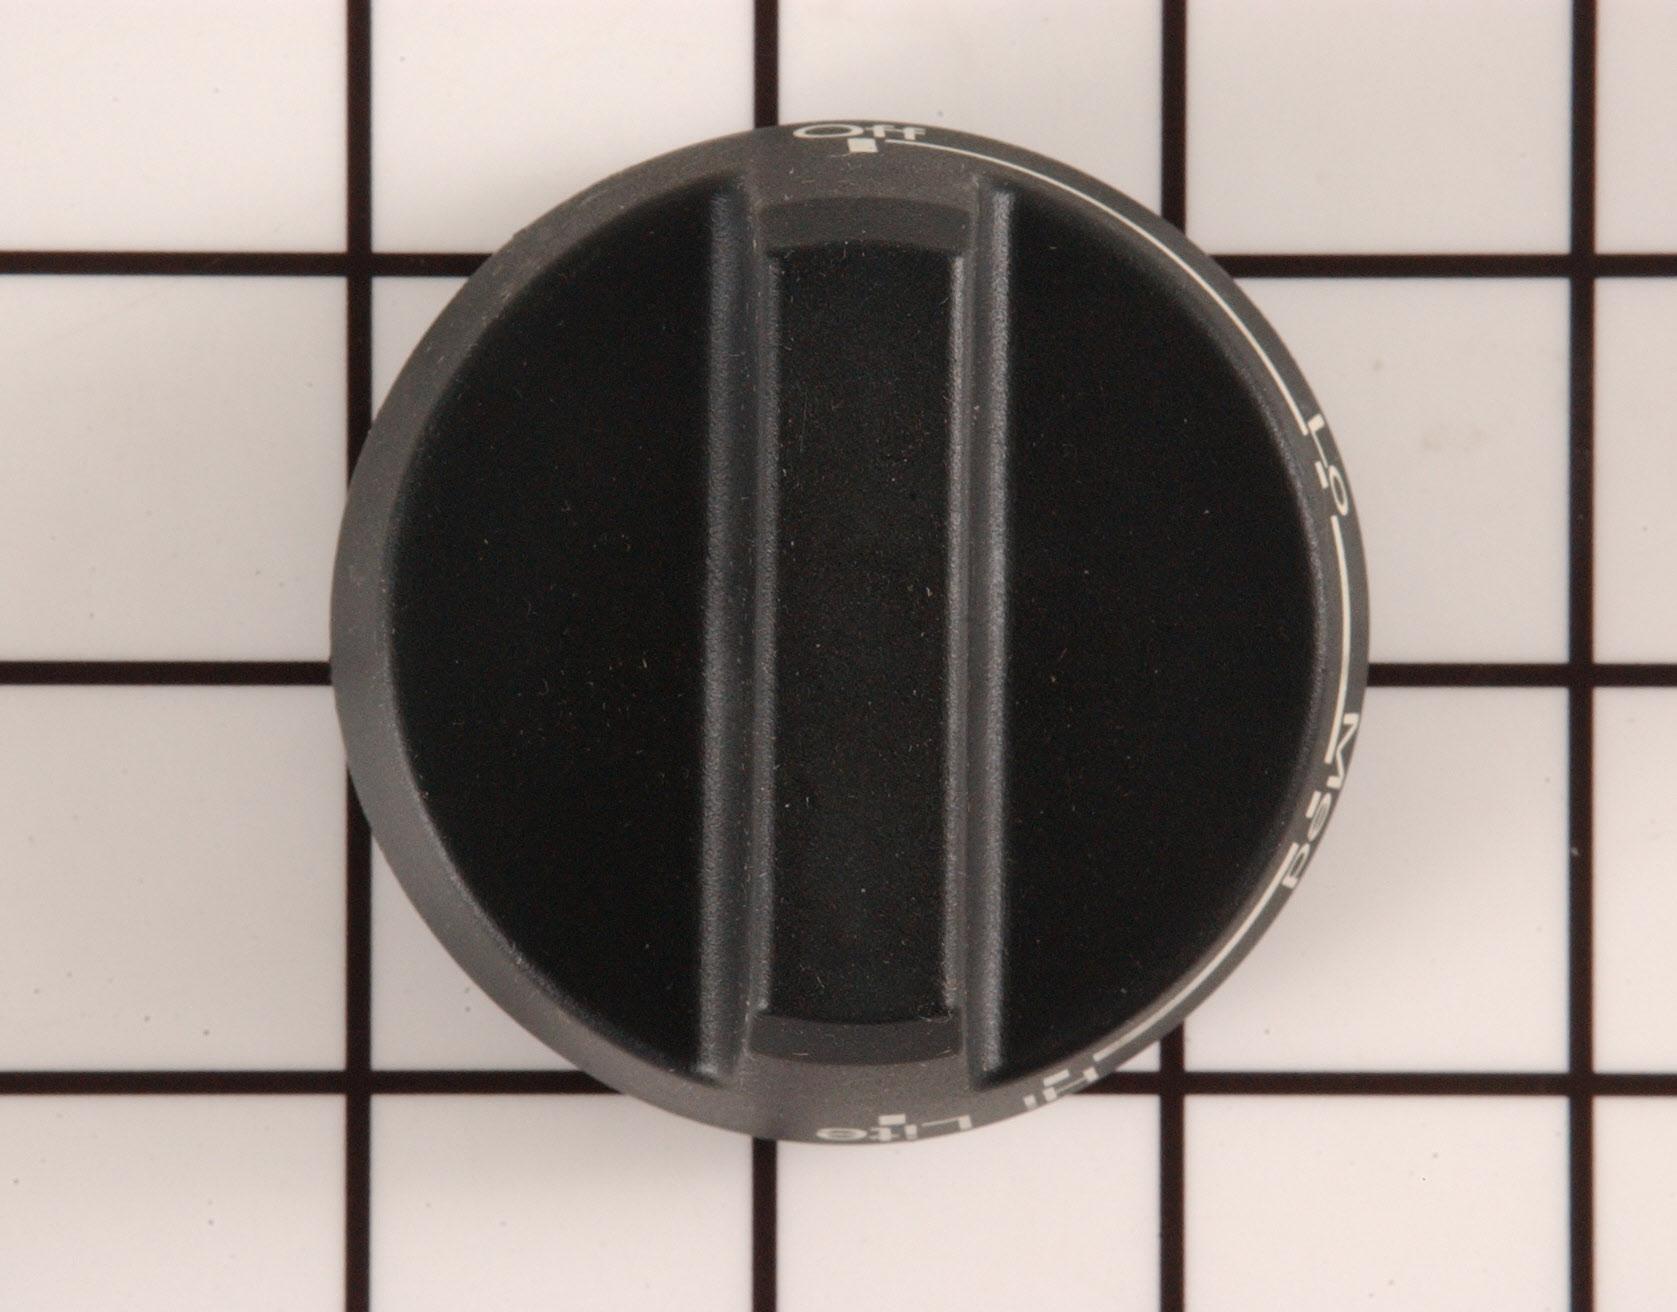 WP71001057 Jenn Air Range Stove Oven Part -Control Knob